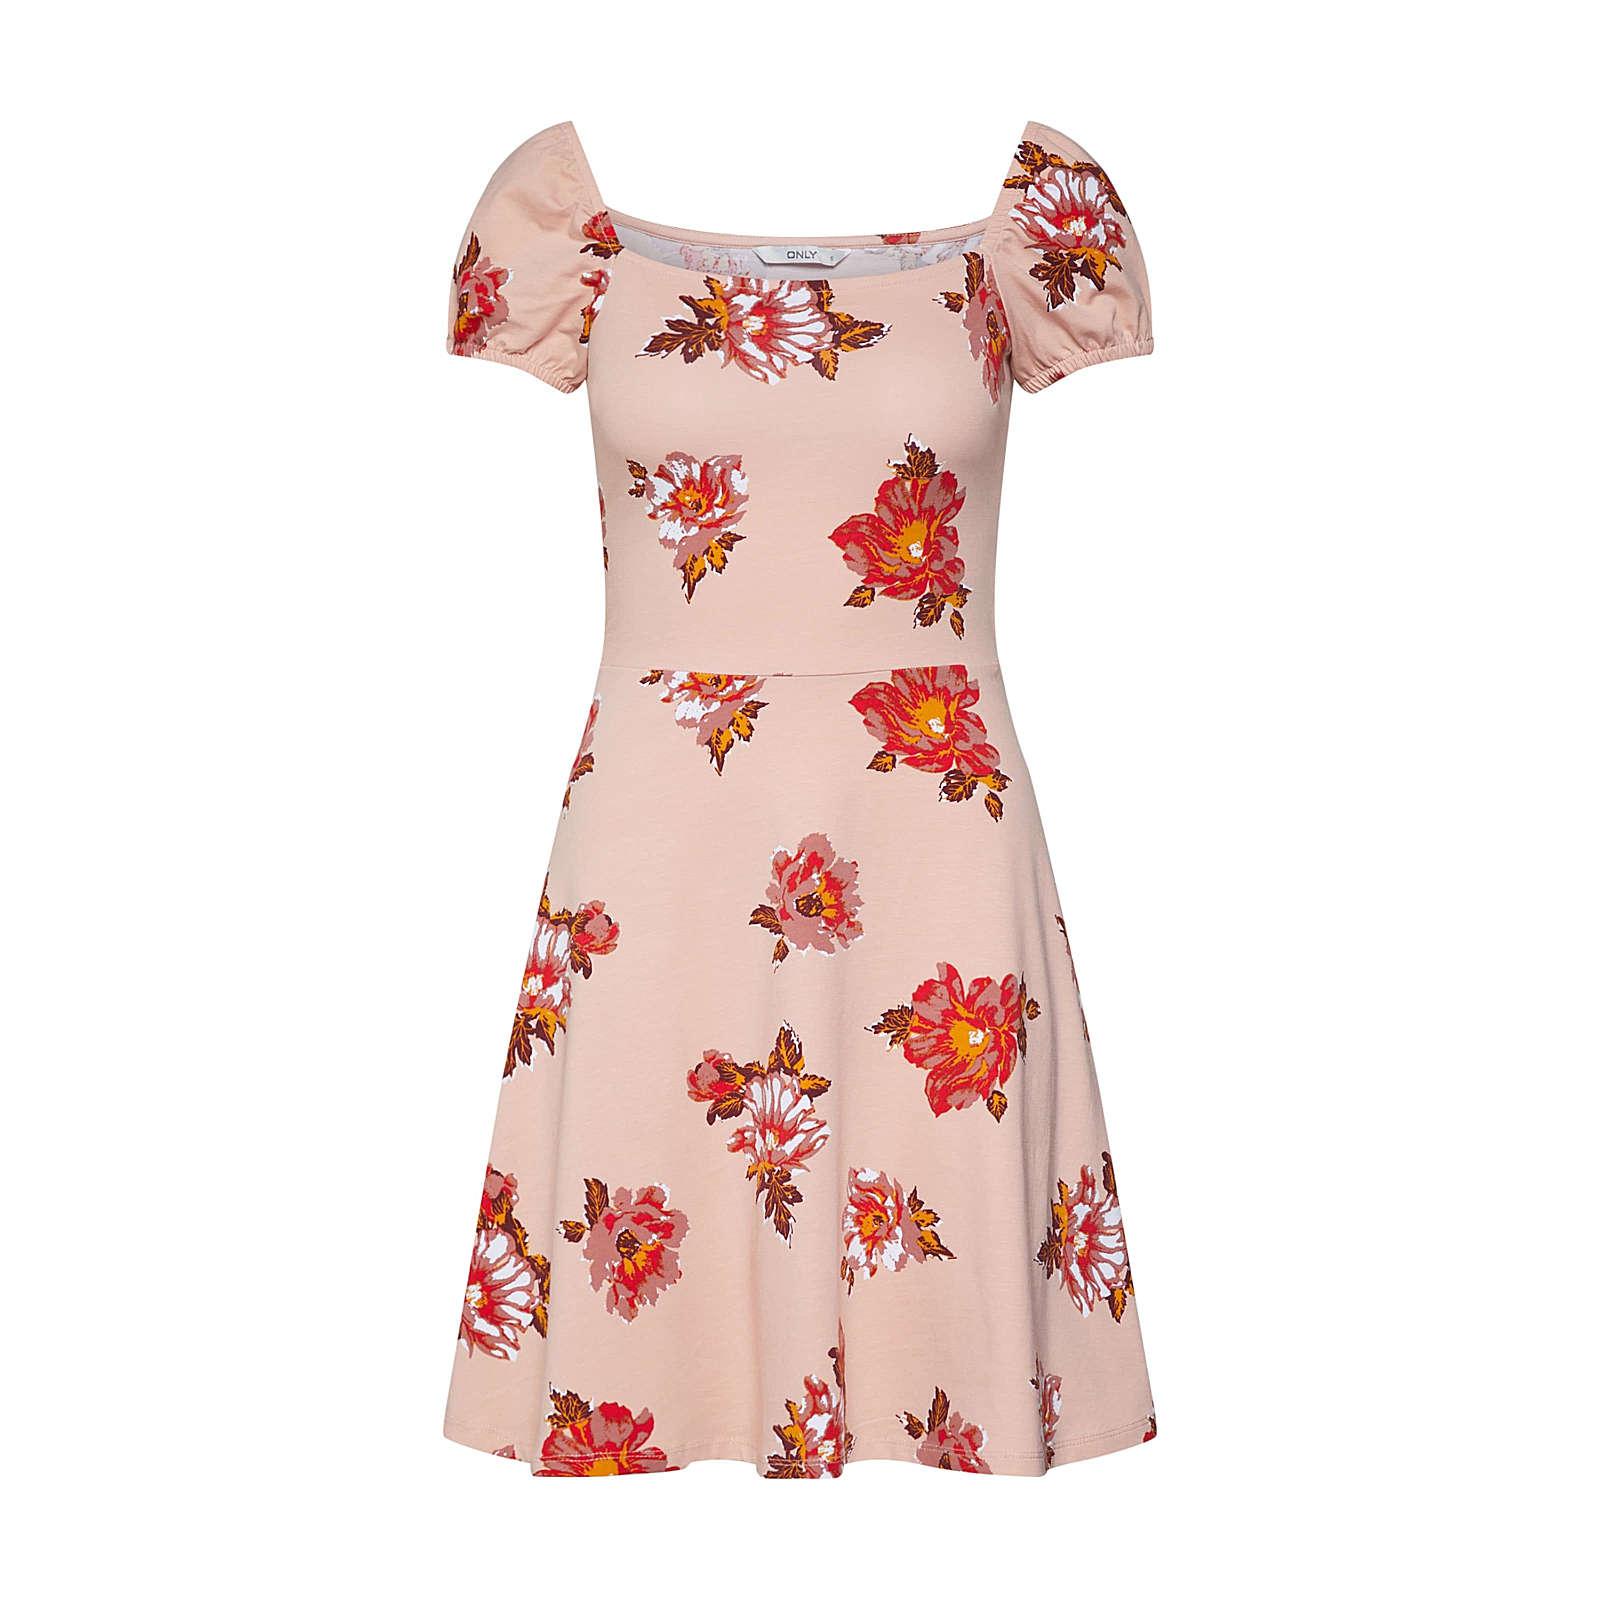 ONLY Sommerkleid NIELLA Sommerkleider rot Damen Gr. 36